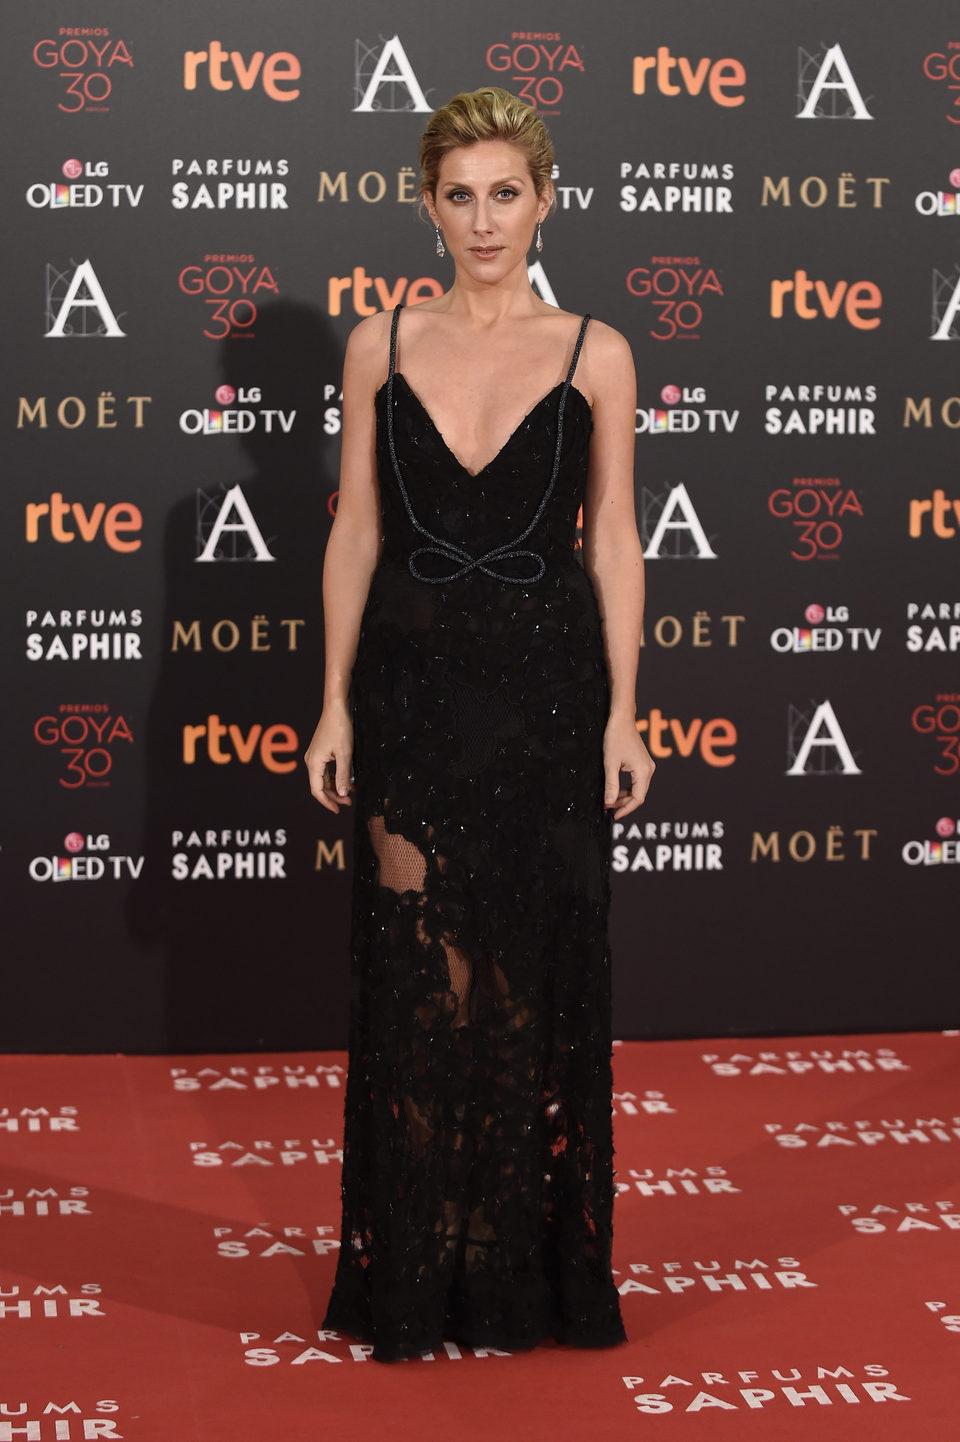 Cecilia Freire en la alfombra roja de los Premios Goya 2016